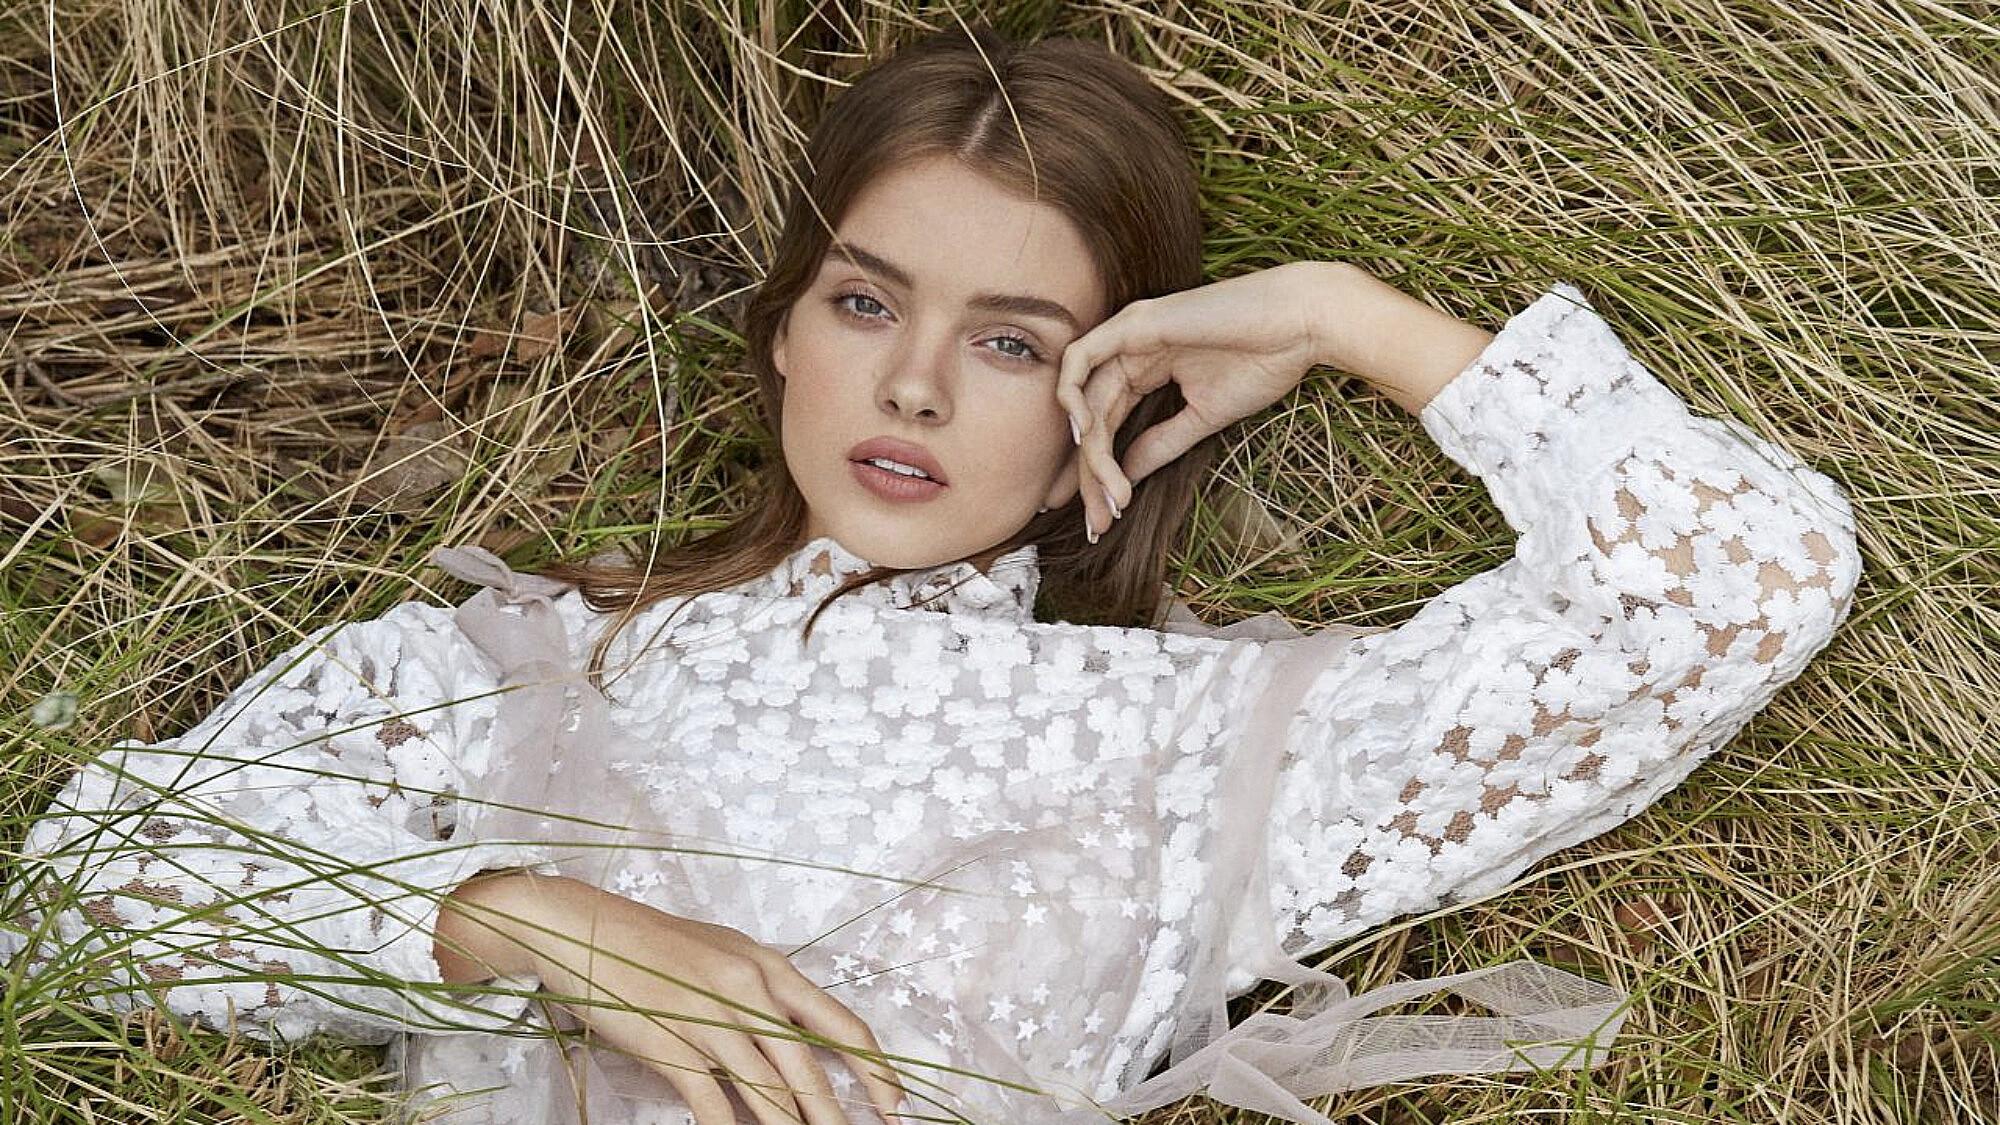 אנה זק | צילום: דור שרון ל-ArtBook, סטיילינג: אלין זידקוב ל-ArtBook. שמלת טול: Daizy shely,שמלה לבנה: zara